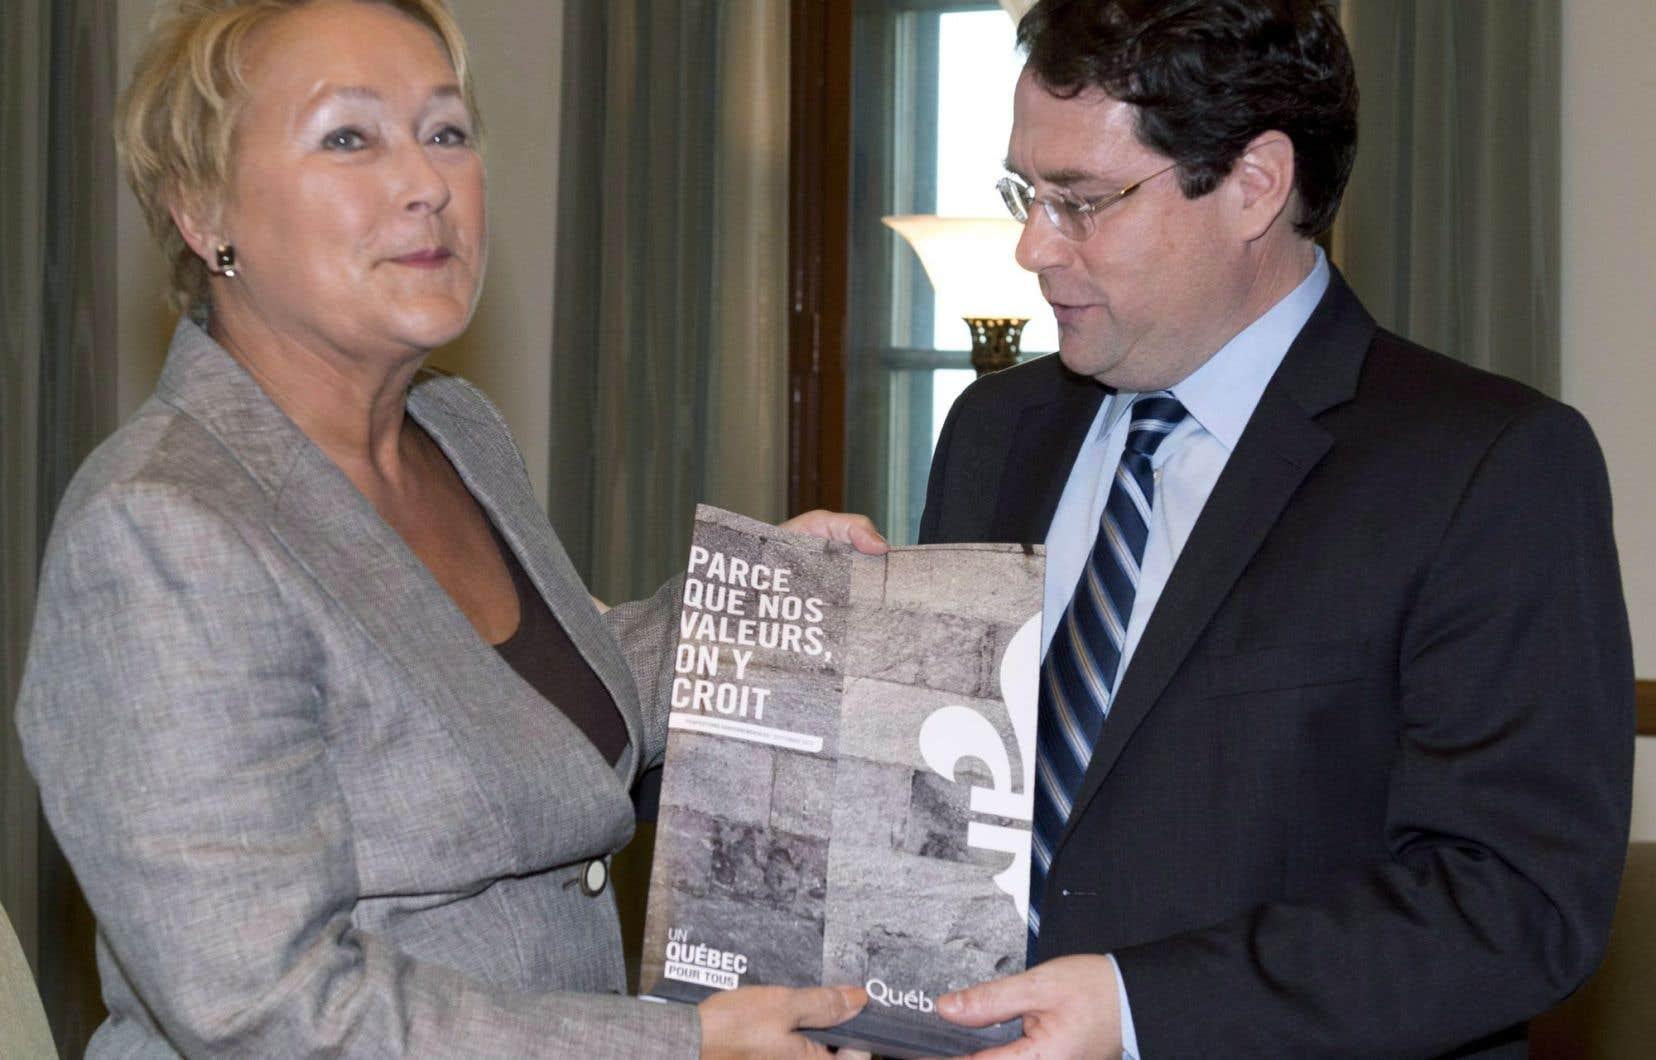 L'épisode de la charte des valeurs, portée par Pauline Marois et Bernard Drainville, a contribué à la perte de confiance envers le PQ, estime l'auteur.